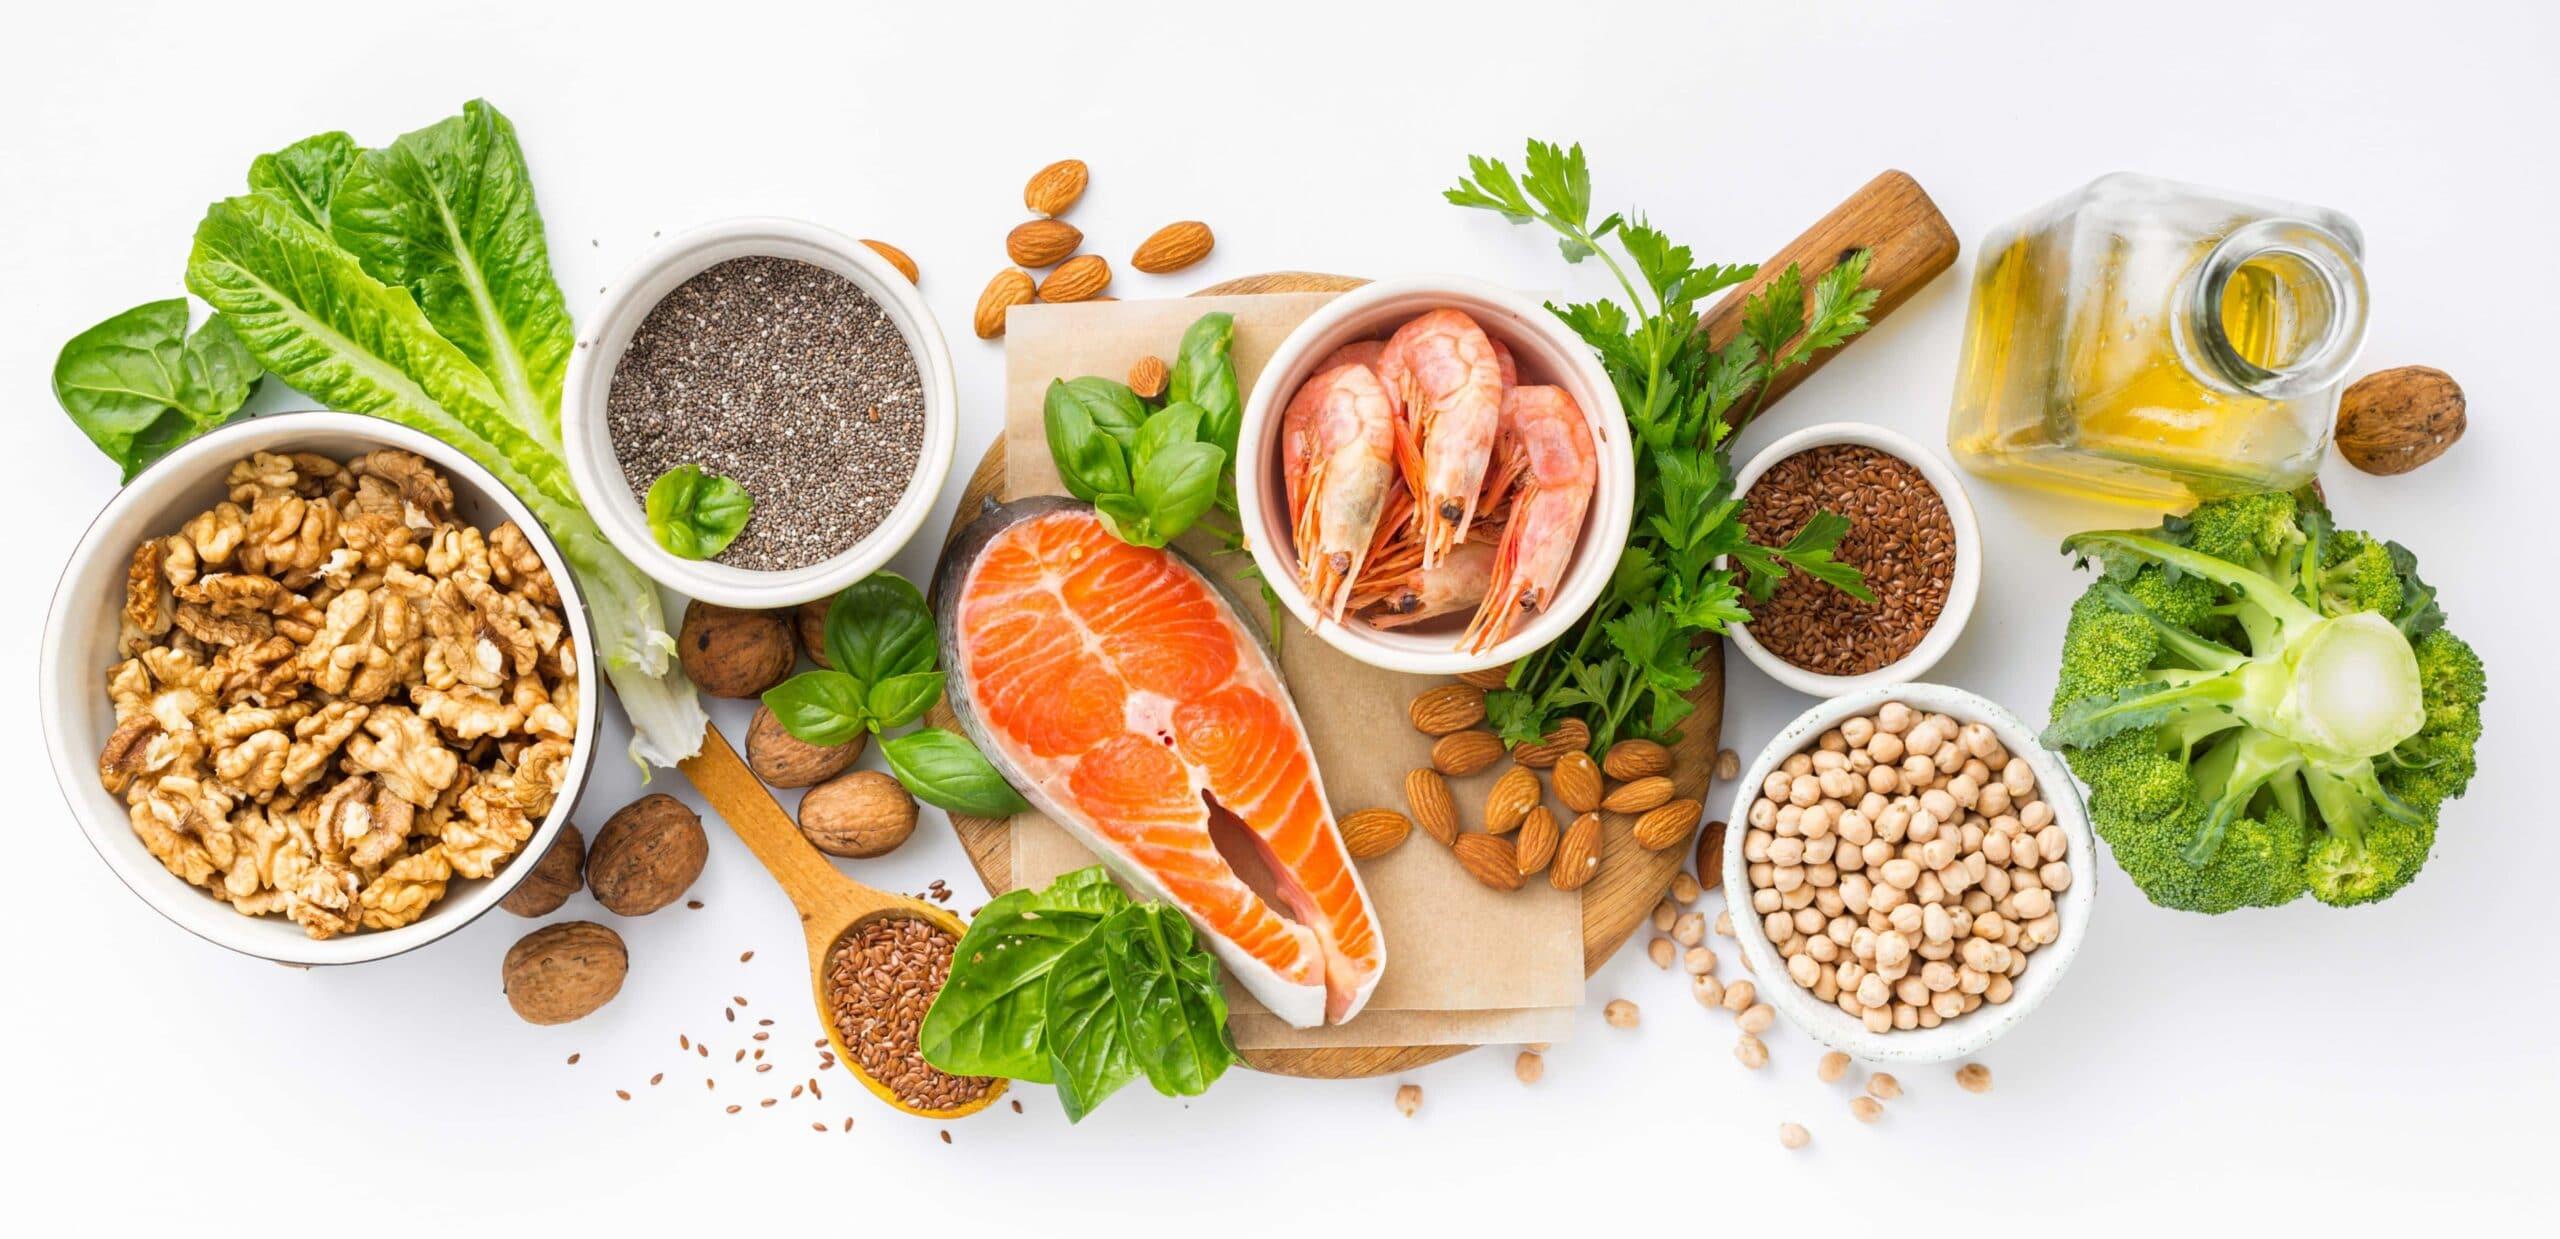 grassi essenziali negli alimenti perchè sono importanti